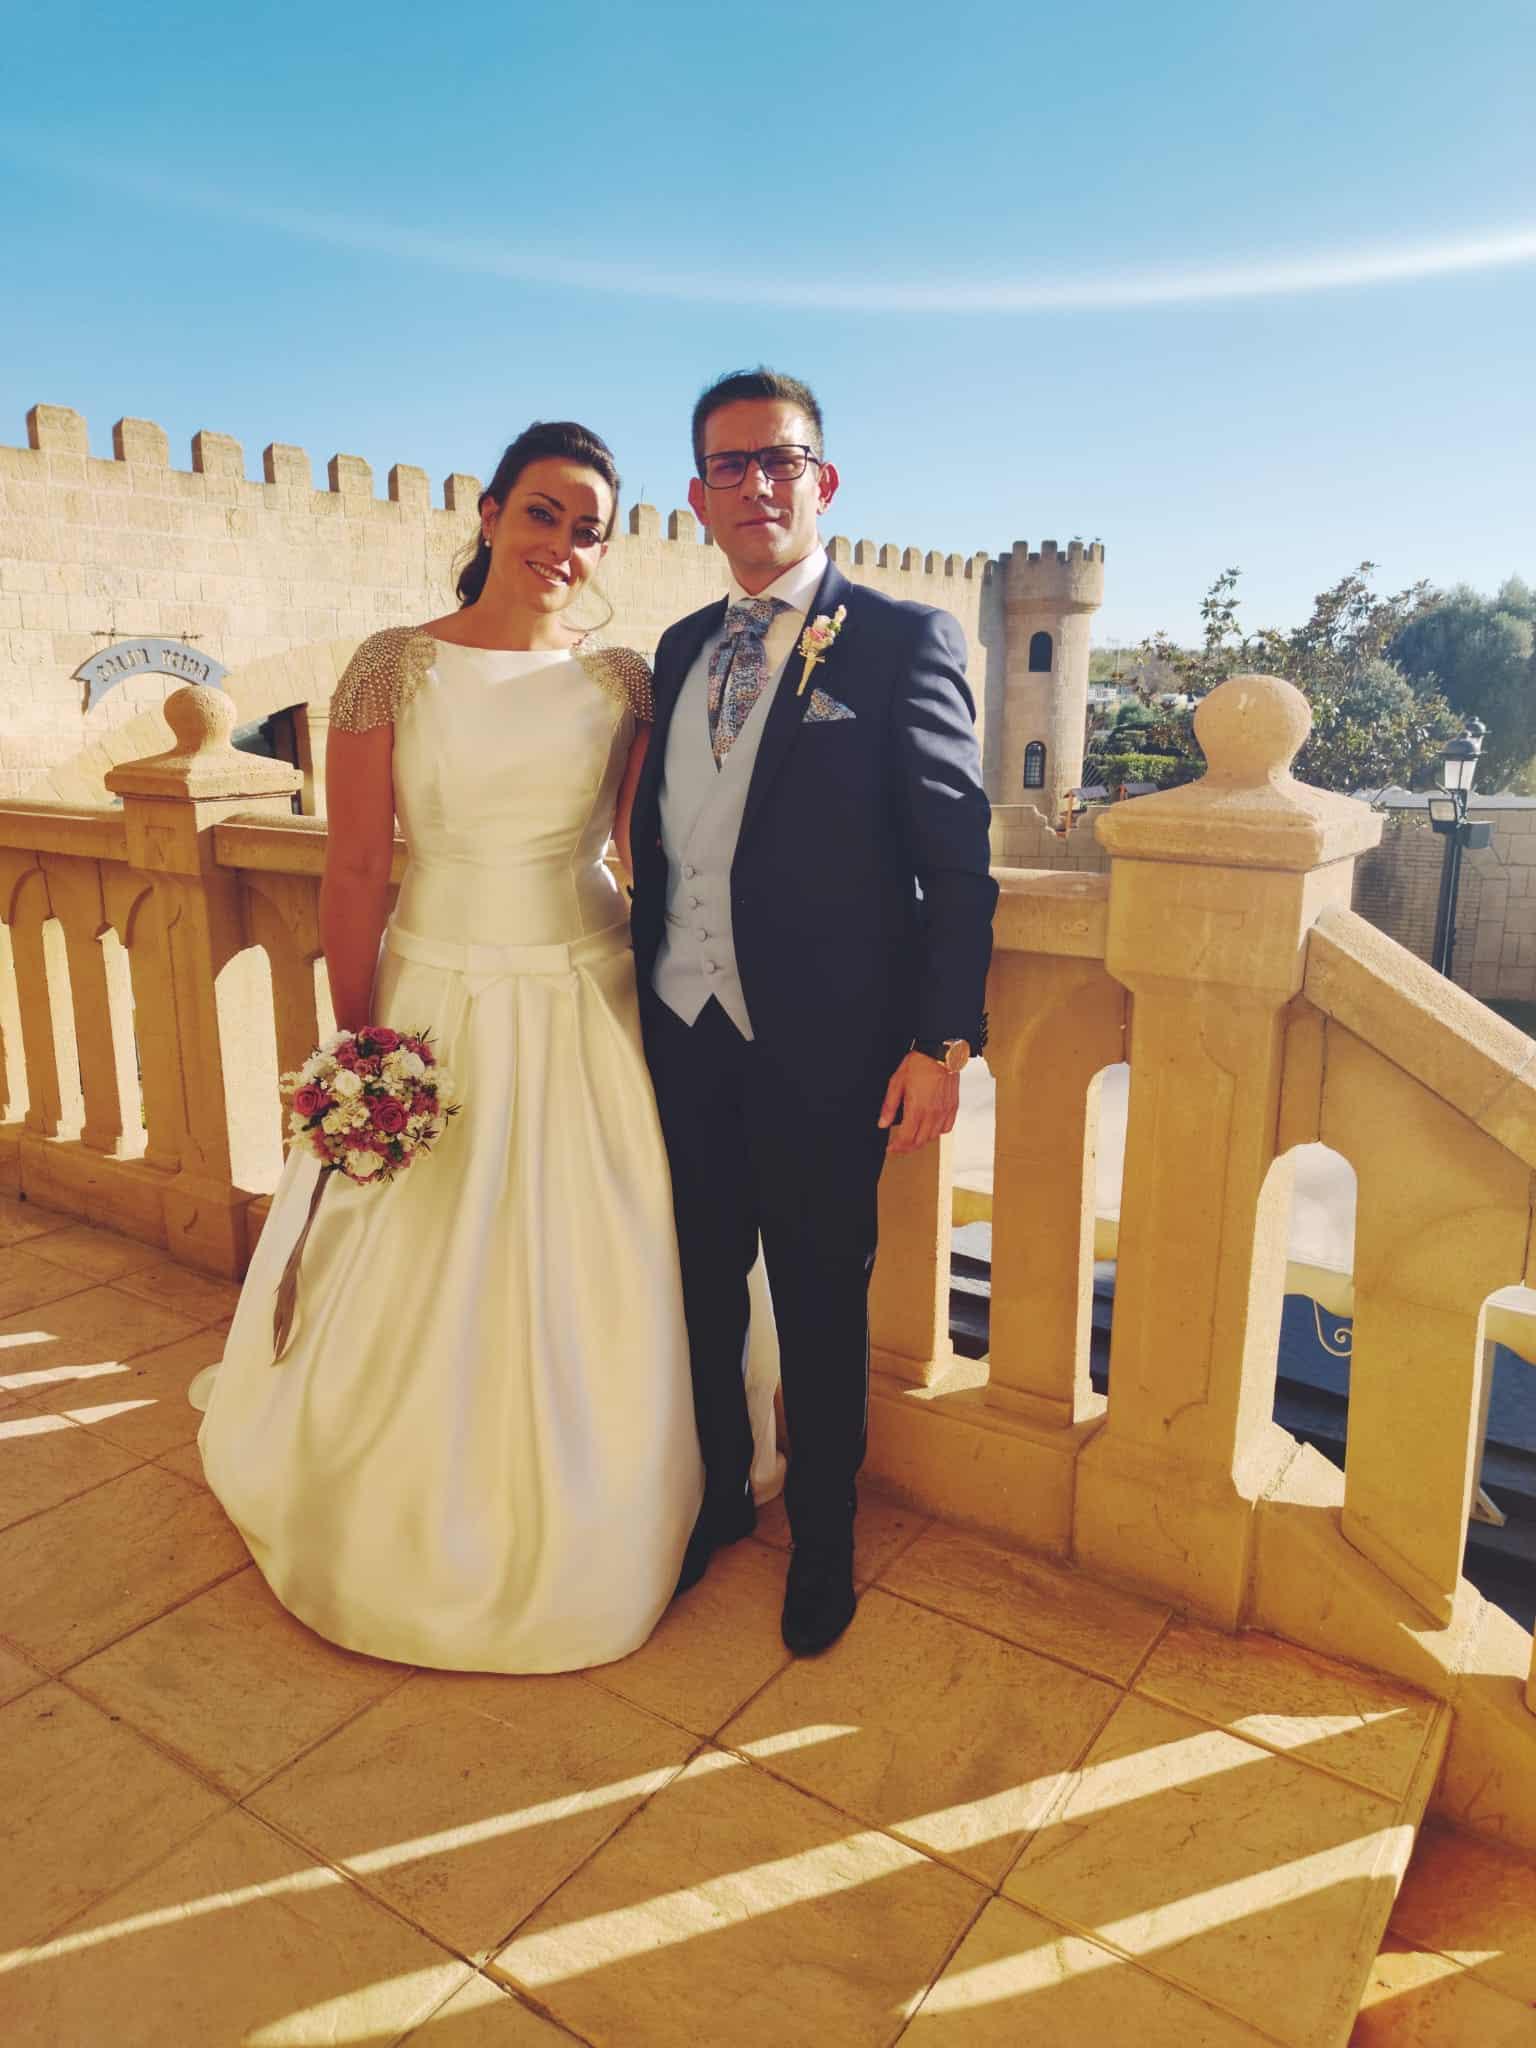 bodas en el castillo-Boda Ramón y Pilar